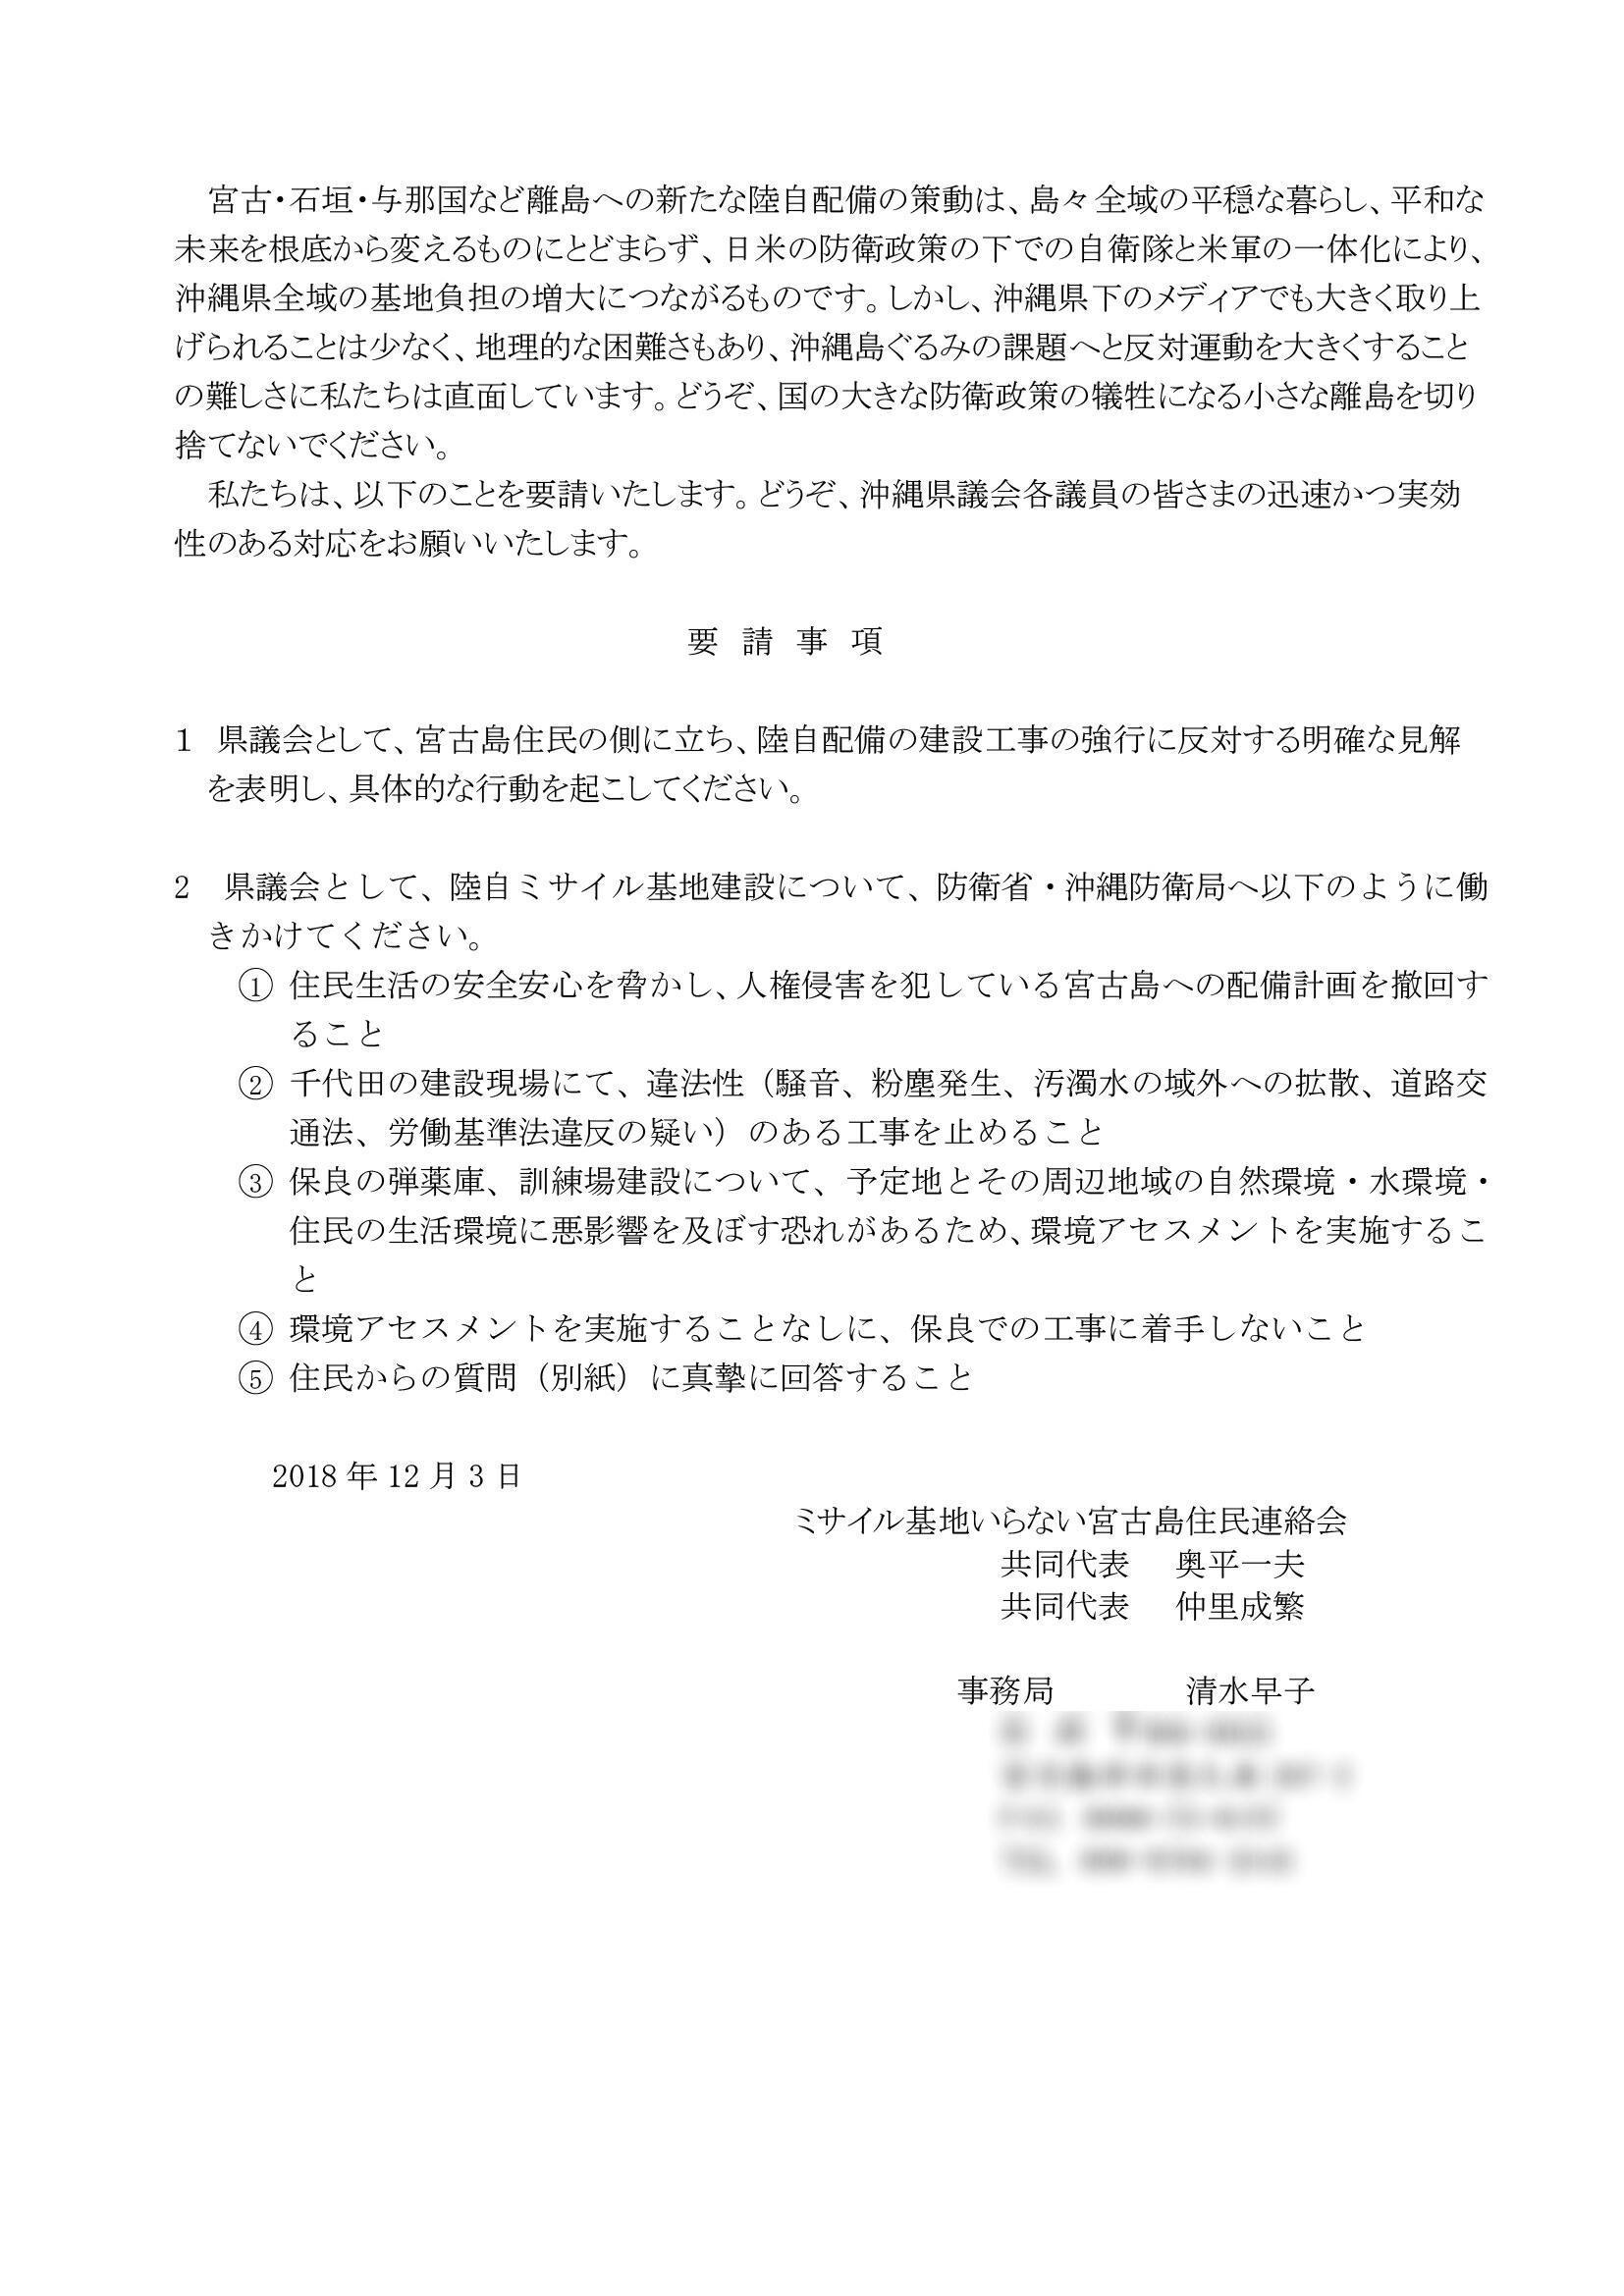 県議会要請文1812030002a